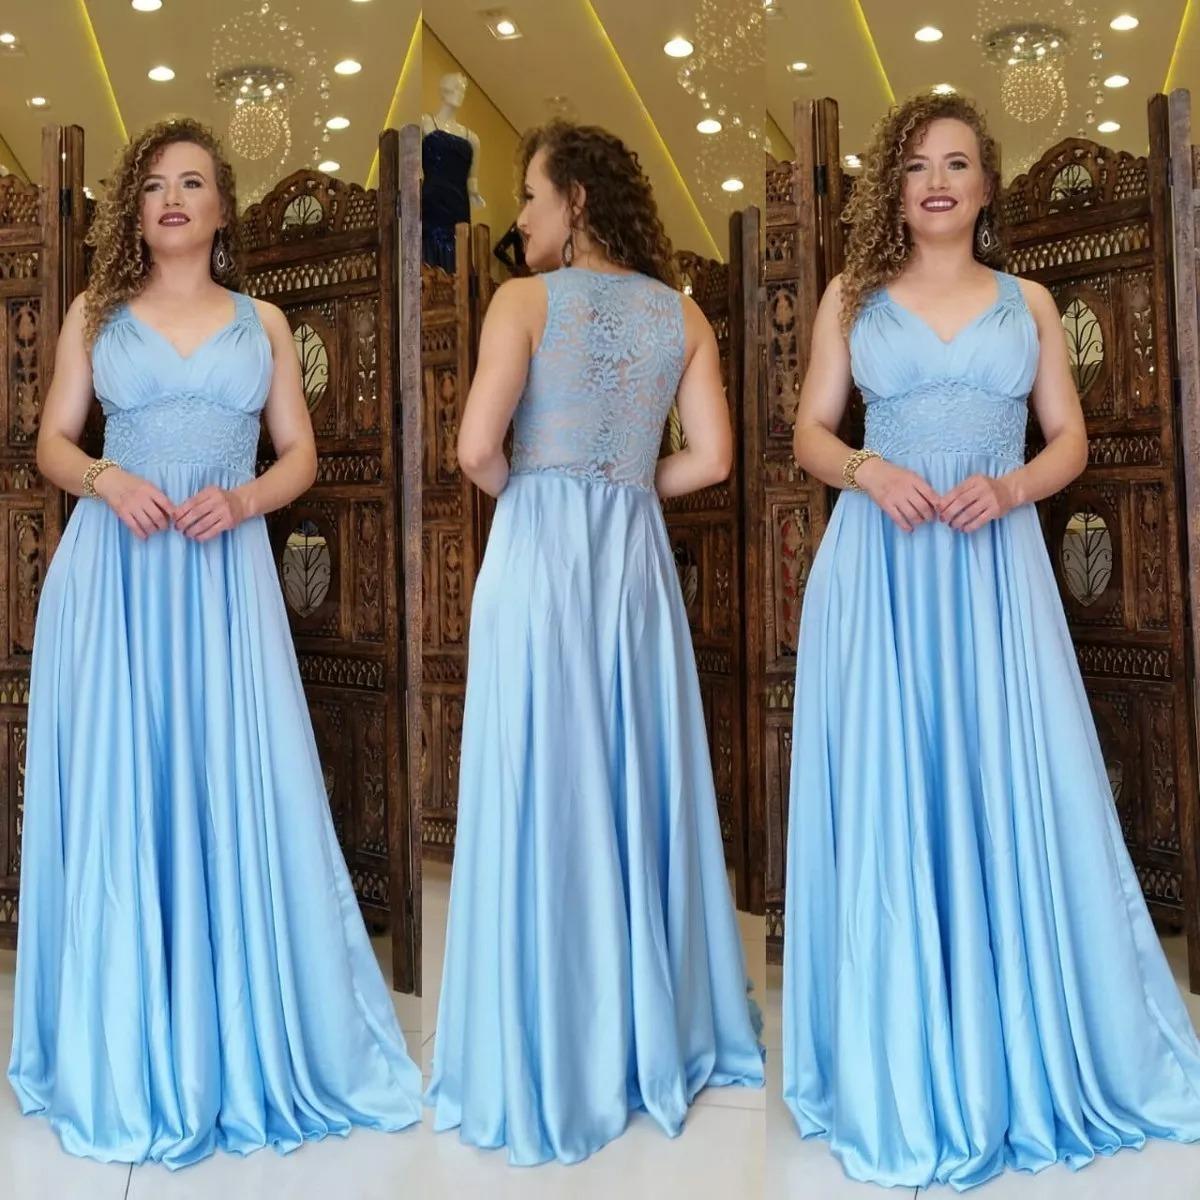 ab29e3730 Lindo Vestido Festa Longo Azul Serenity Madrinha Casamento - R$ 280 ...